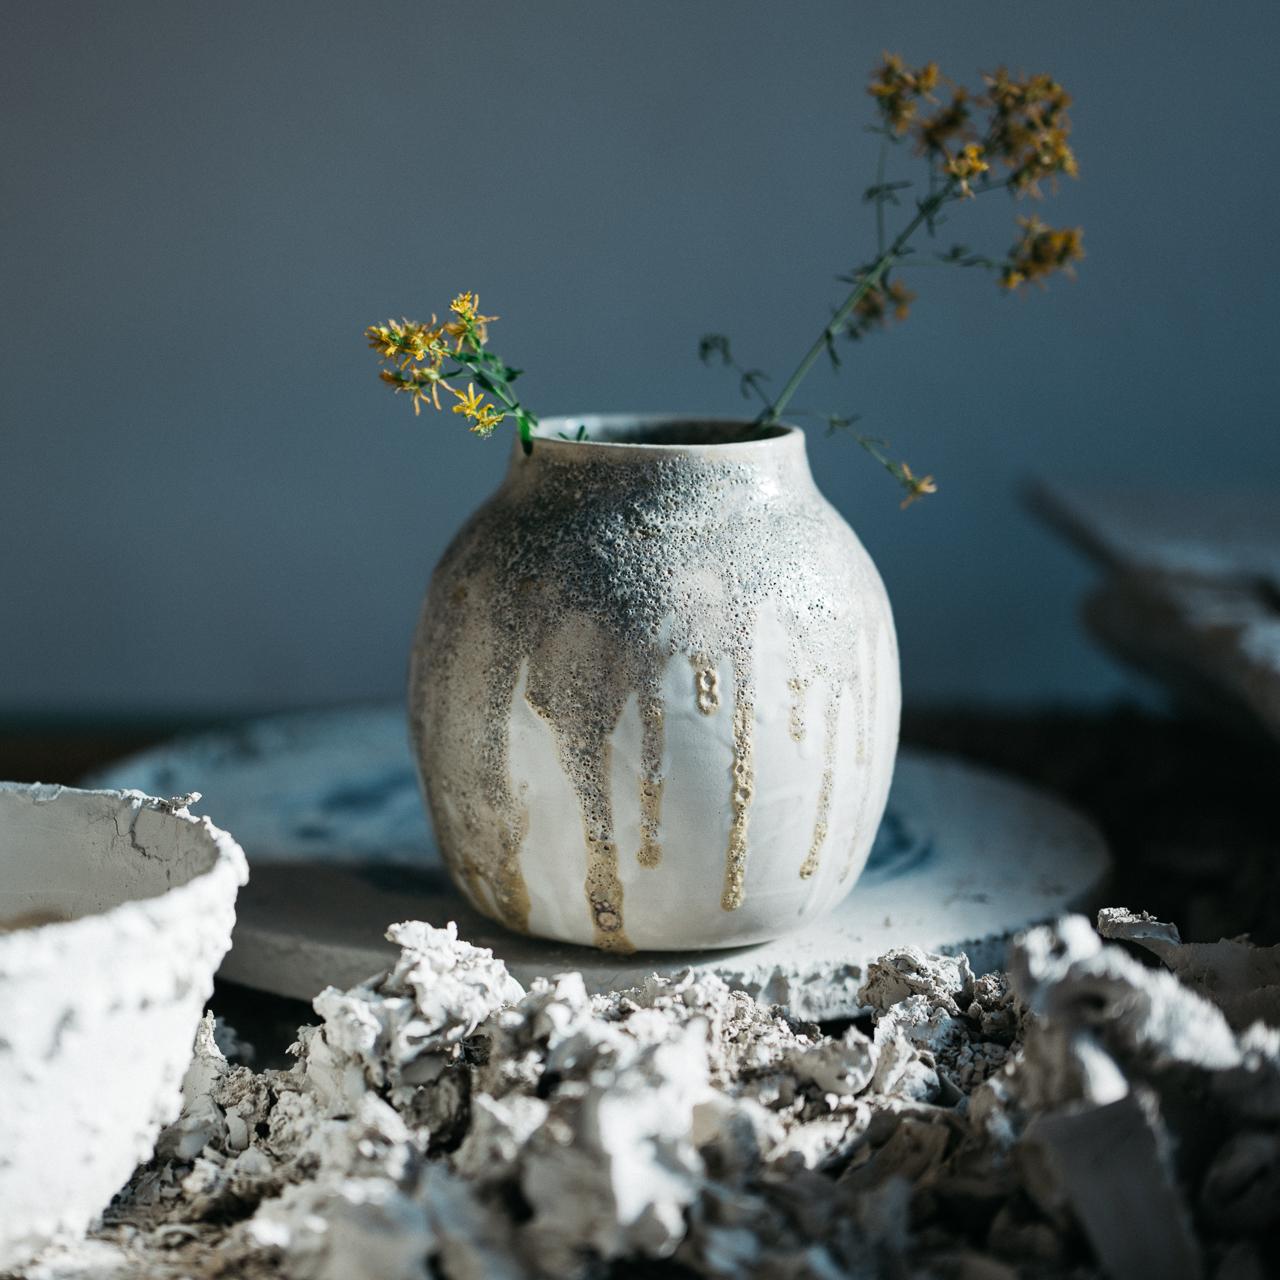 vasewithflowers.jpg